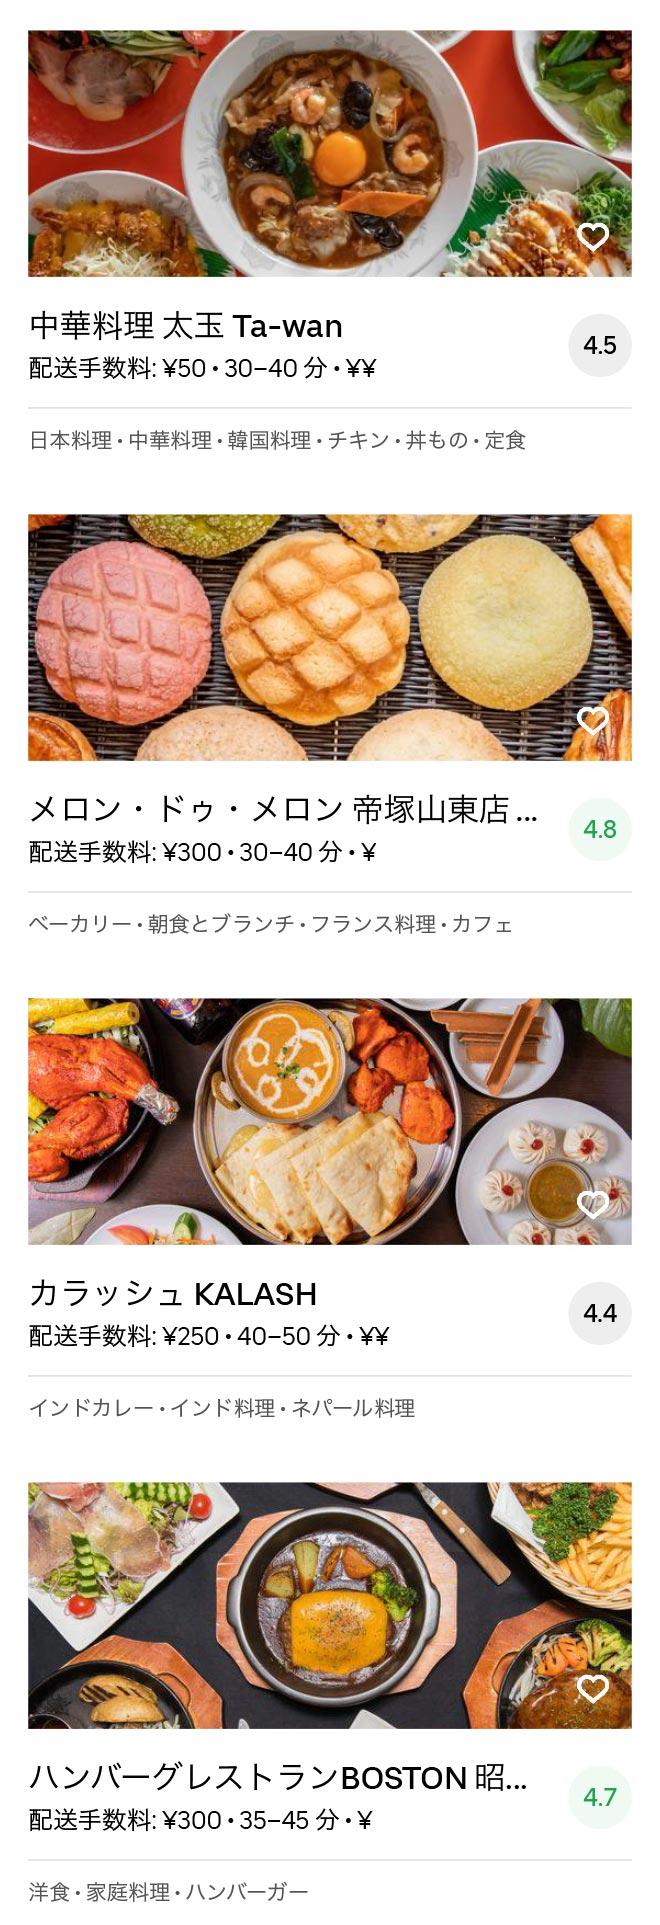 Osaka suminoe menu 2005 07